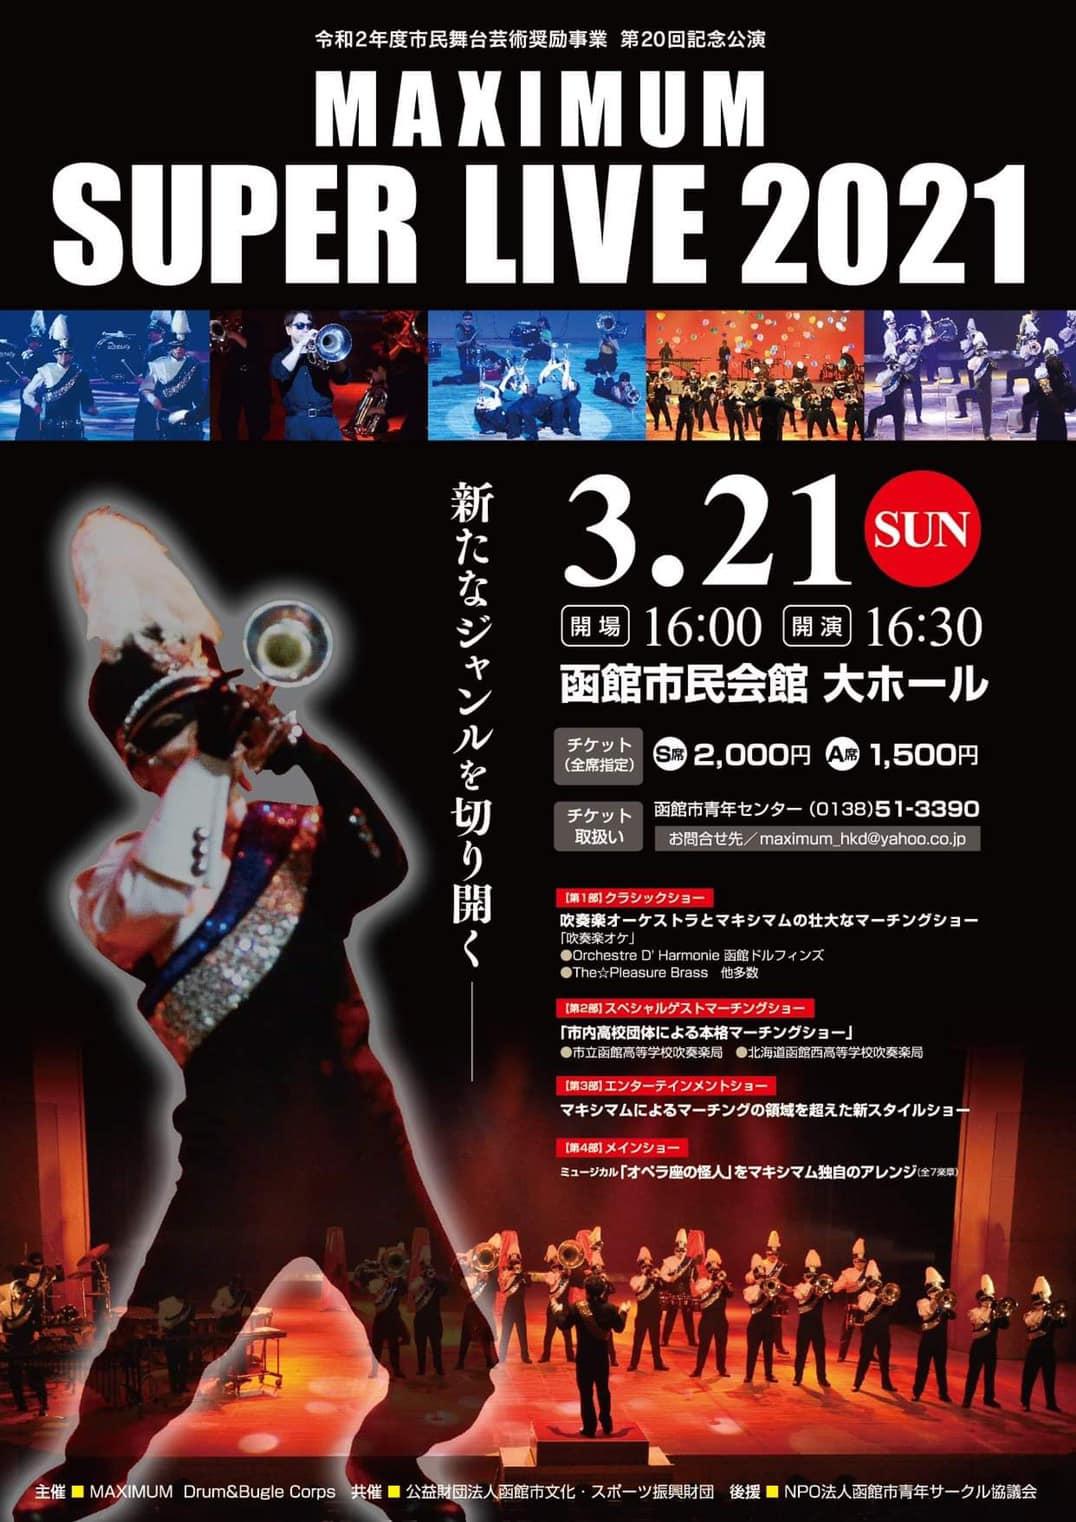 MAXIMUM SUPER LIVE 2021